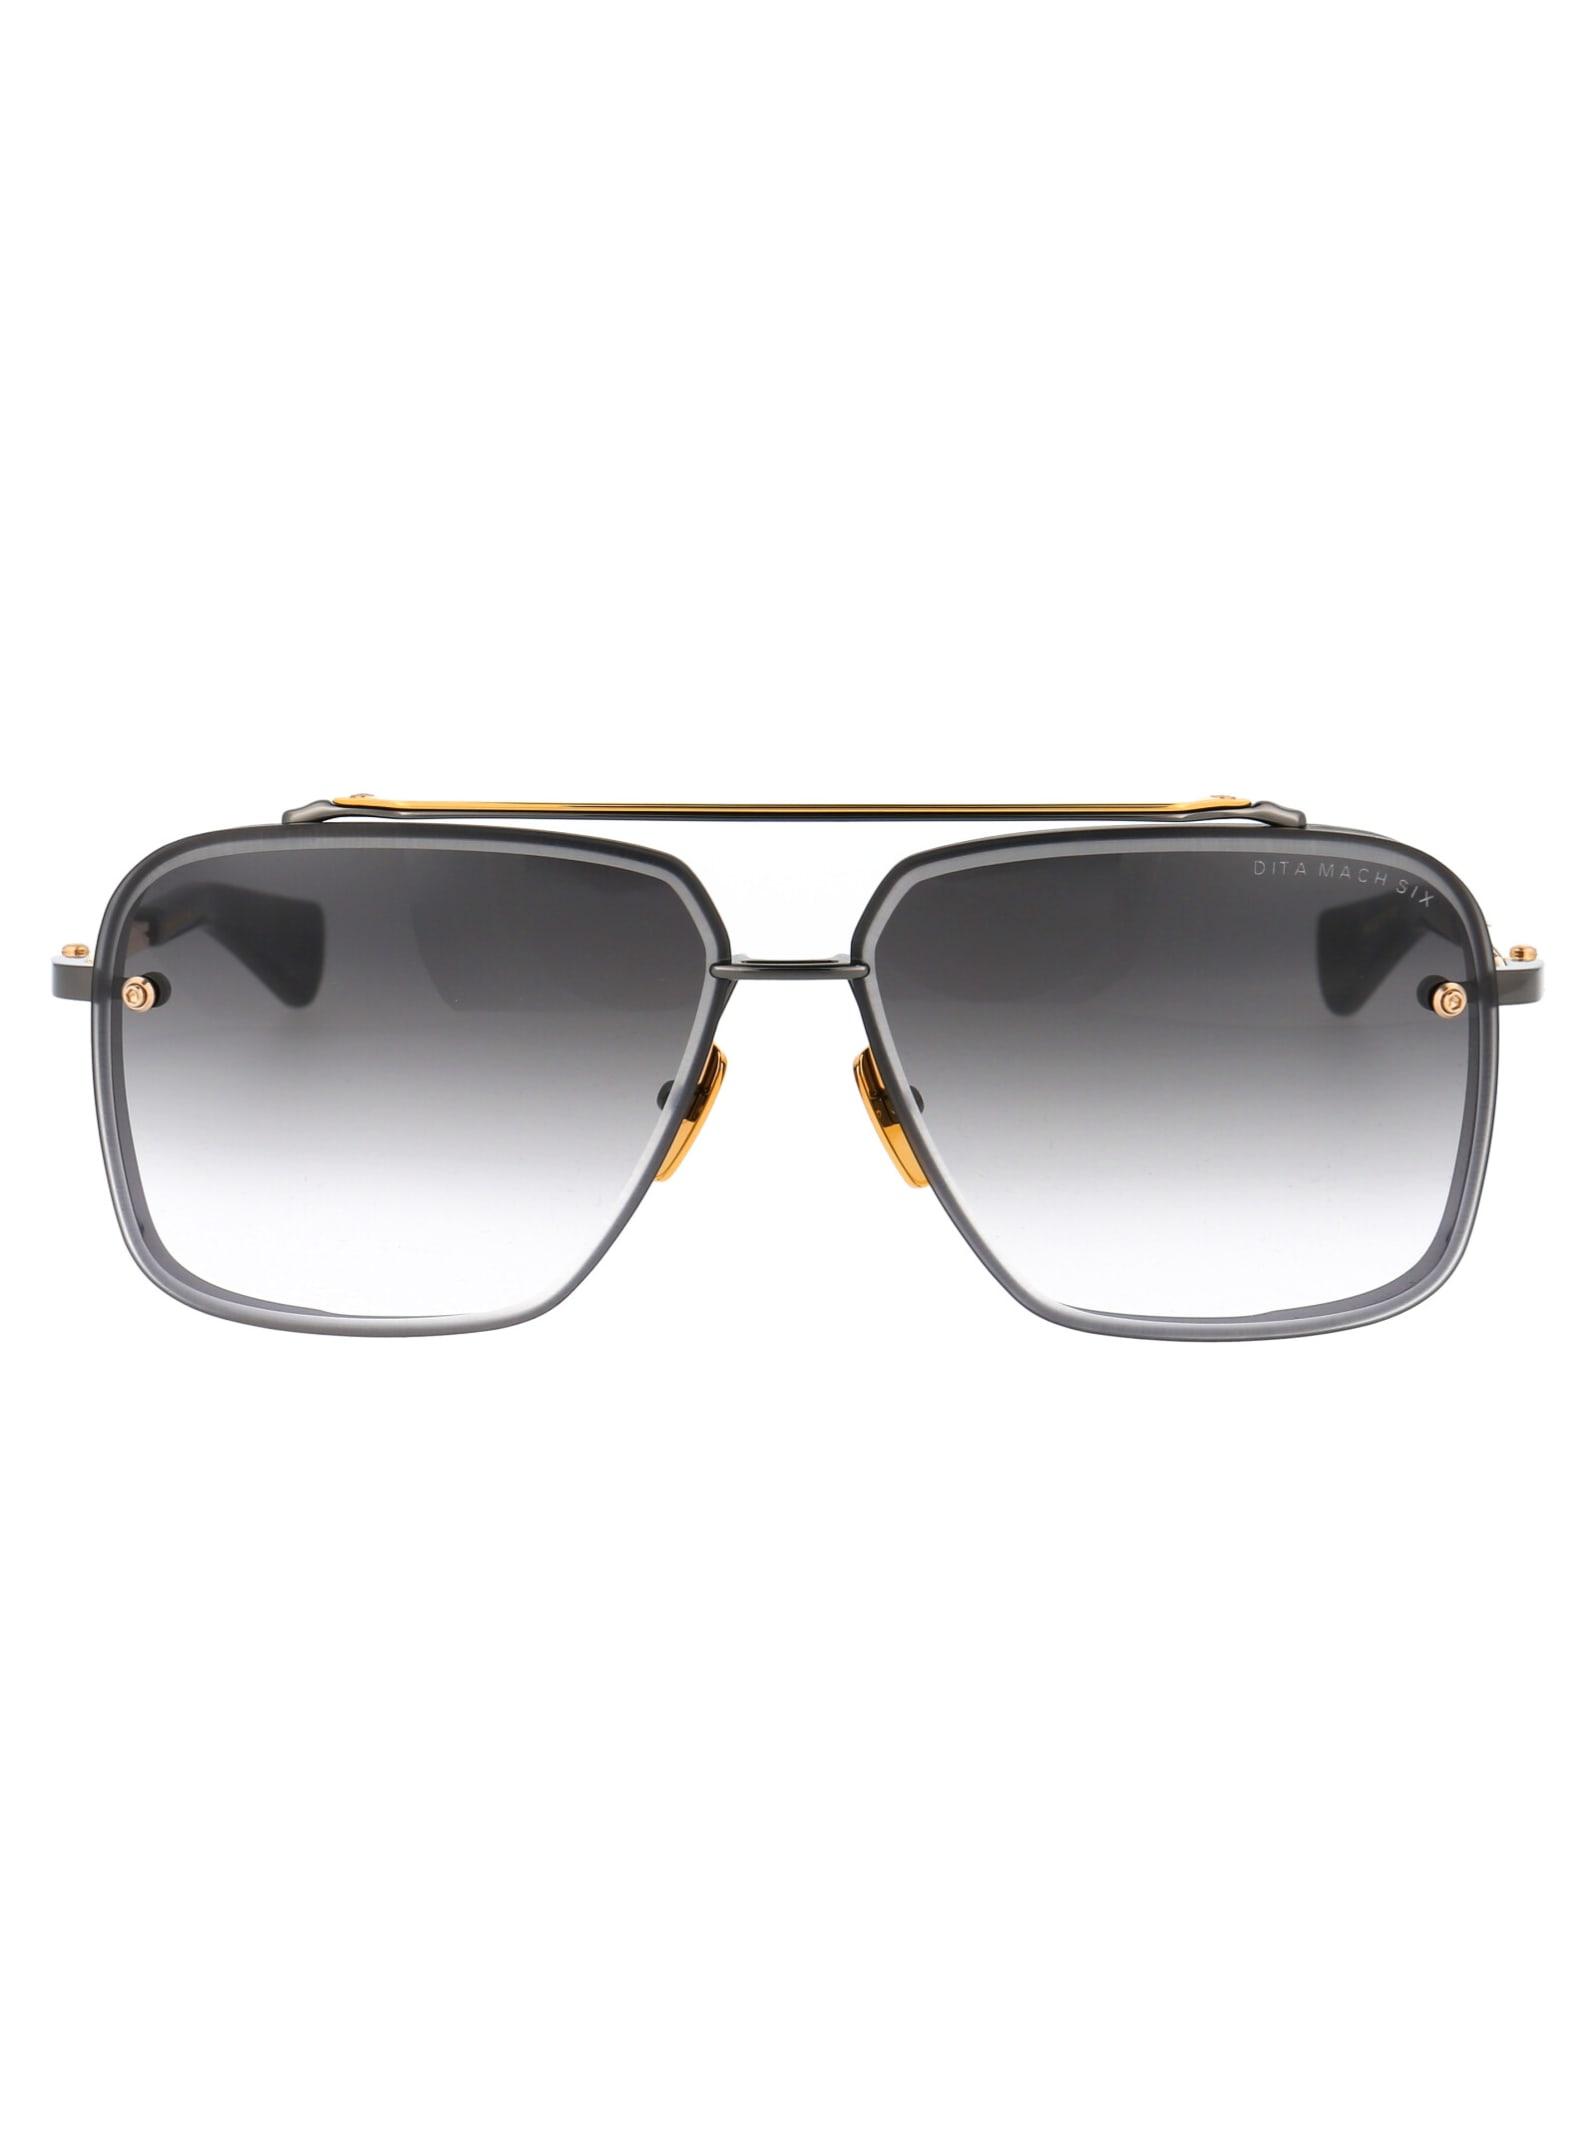 Mach-six Sunglasses